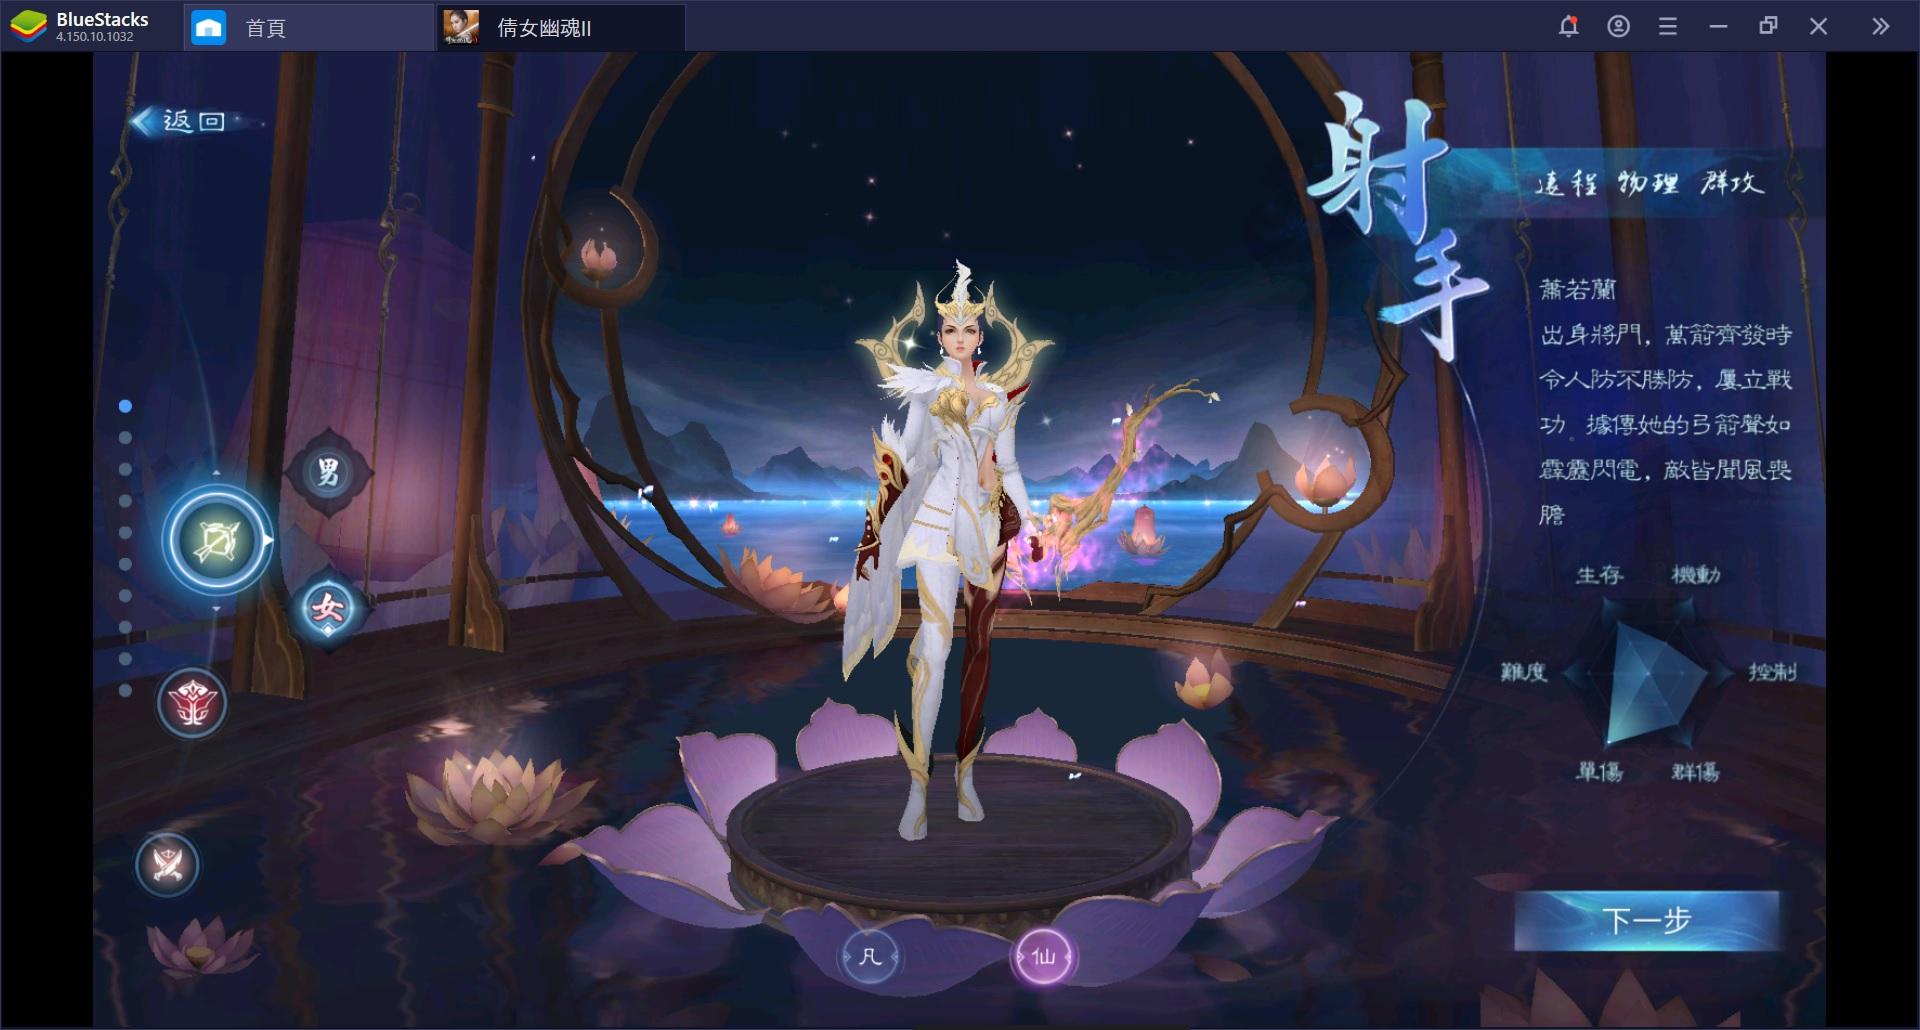 使用BlueStacks在電腦上體驗愛情覺醒3D動作RPG手游 倩女幽魂II